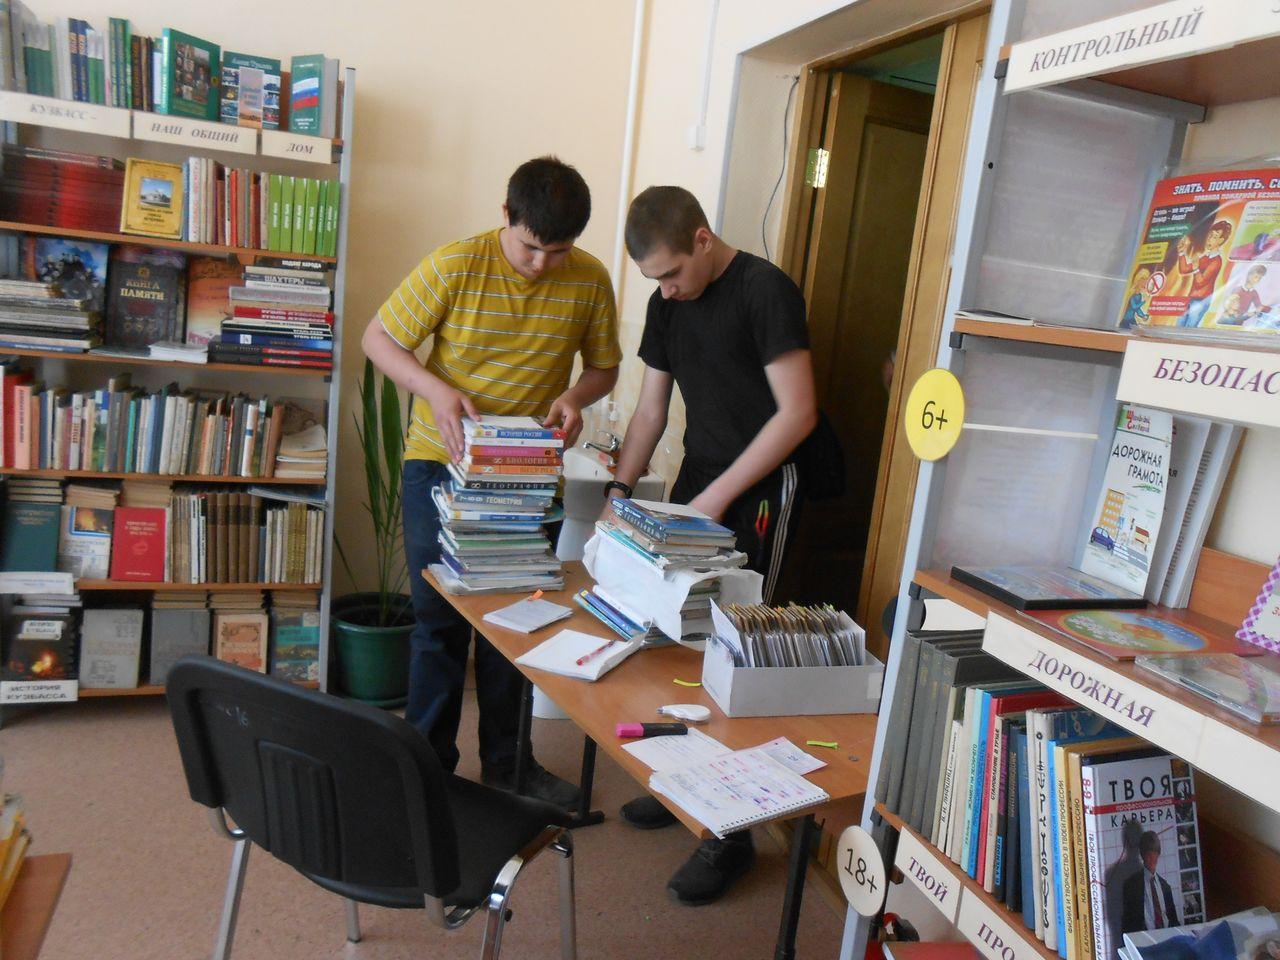 Работаем с учебниками.Волков Иван и Попов Даниил